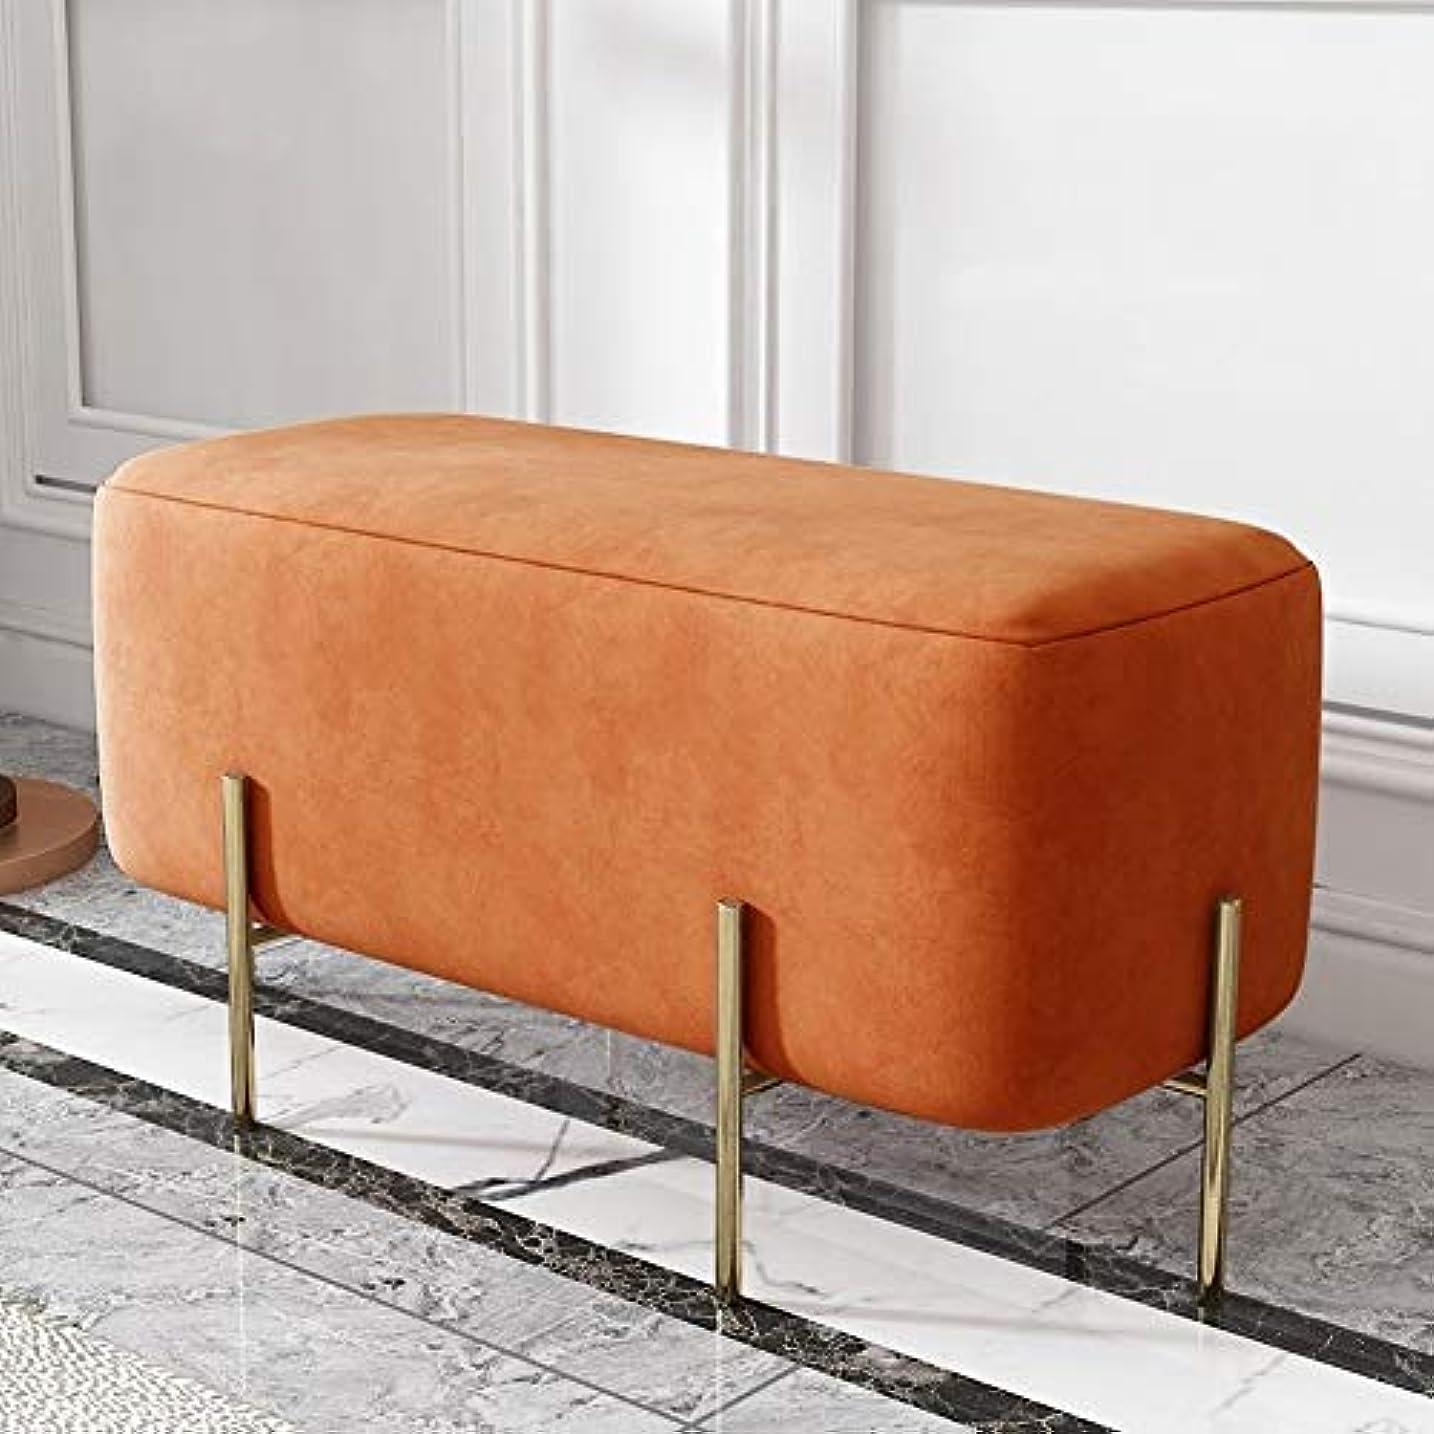 美的フェデレーション家庭北欧ホームドア変更靴ベンチベッドエンドスツールスツールスツールライト高級クロークソファーベンチベンチベンチシューズベンチ - 90センチ (Color : Sauce Orange)